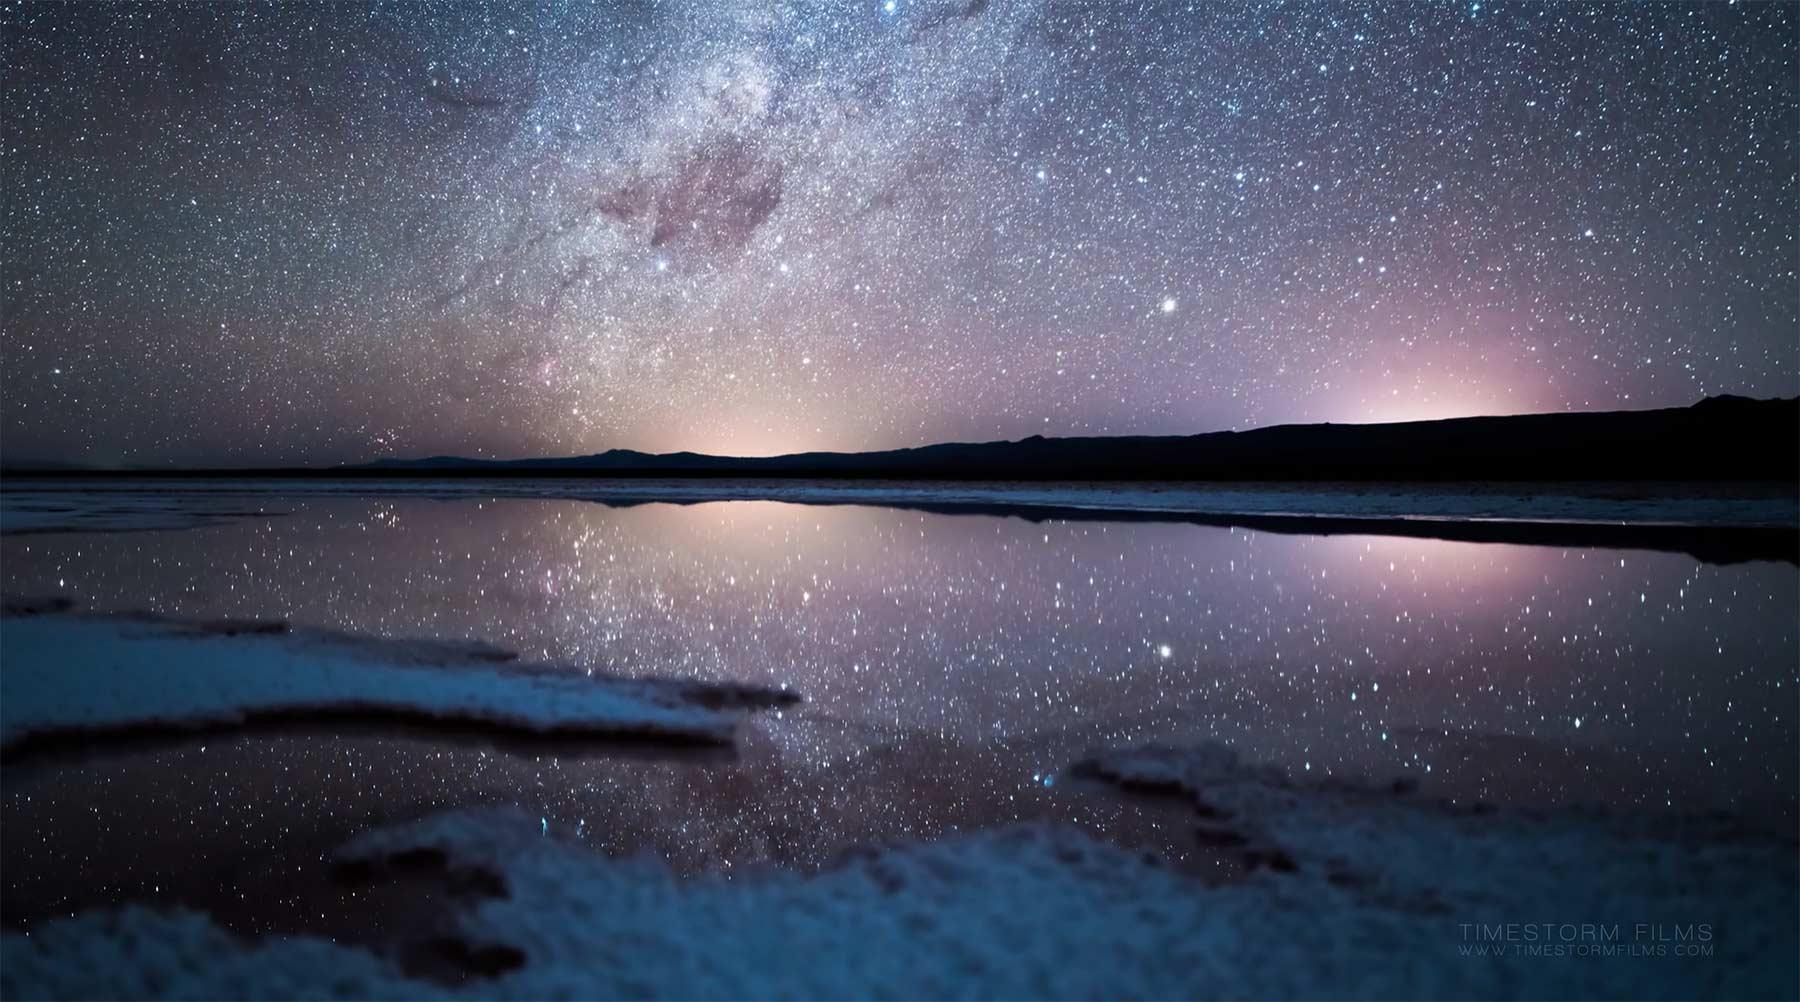 Timelapse einer wunderschönen Wüstennacht NOX-ACATAMA-timelapse